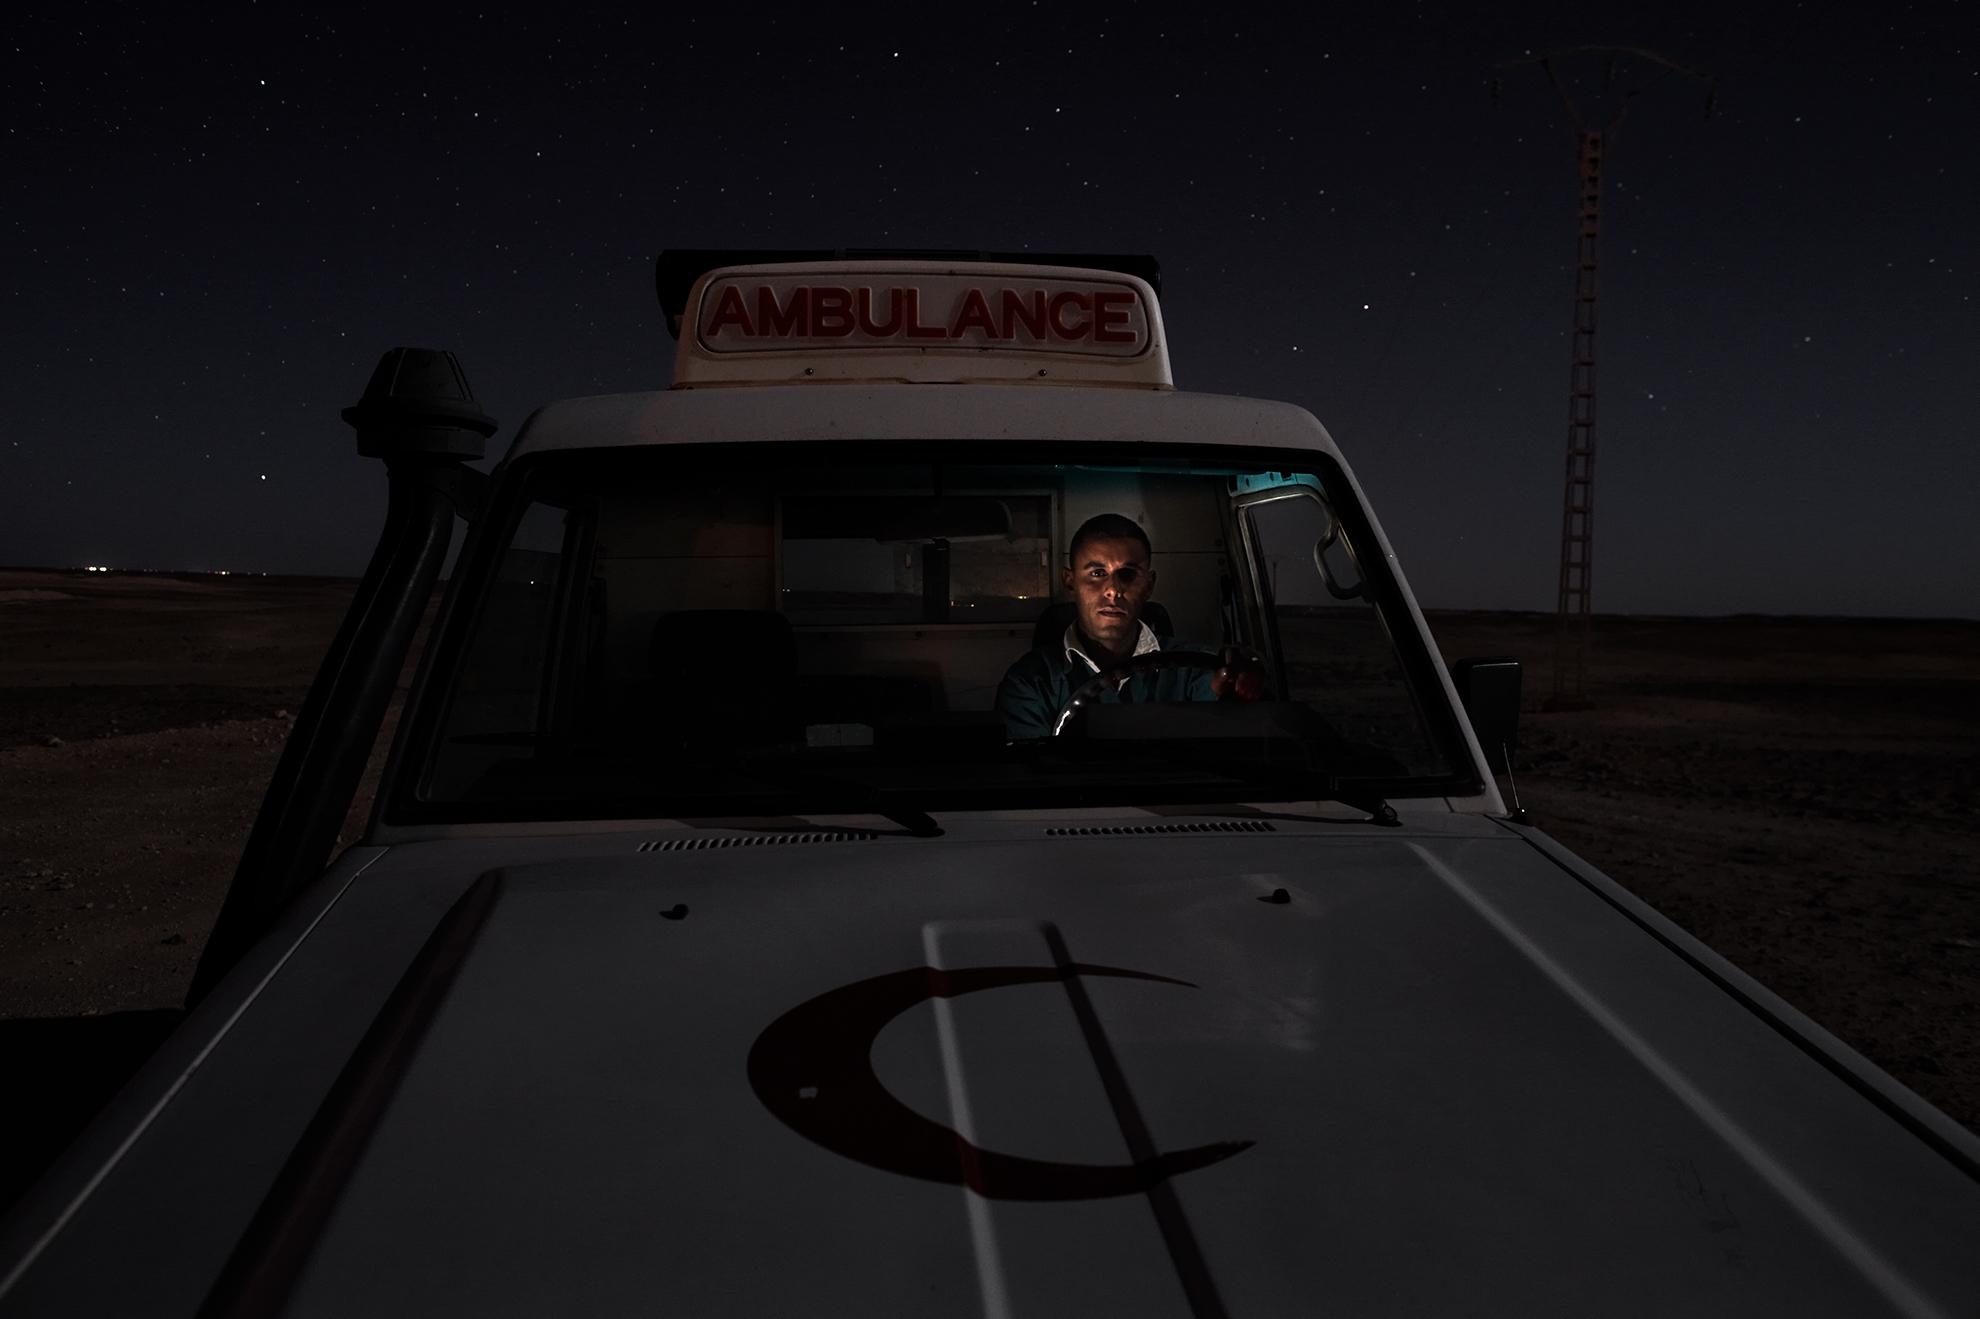 Mohamed Lamin Slot, de 26 años, conductor de ambulancia, fotografiado en el desierto cerca del campamento de refugiados de Rabouni, Argelia.